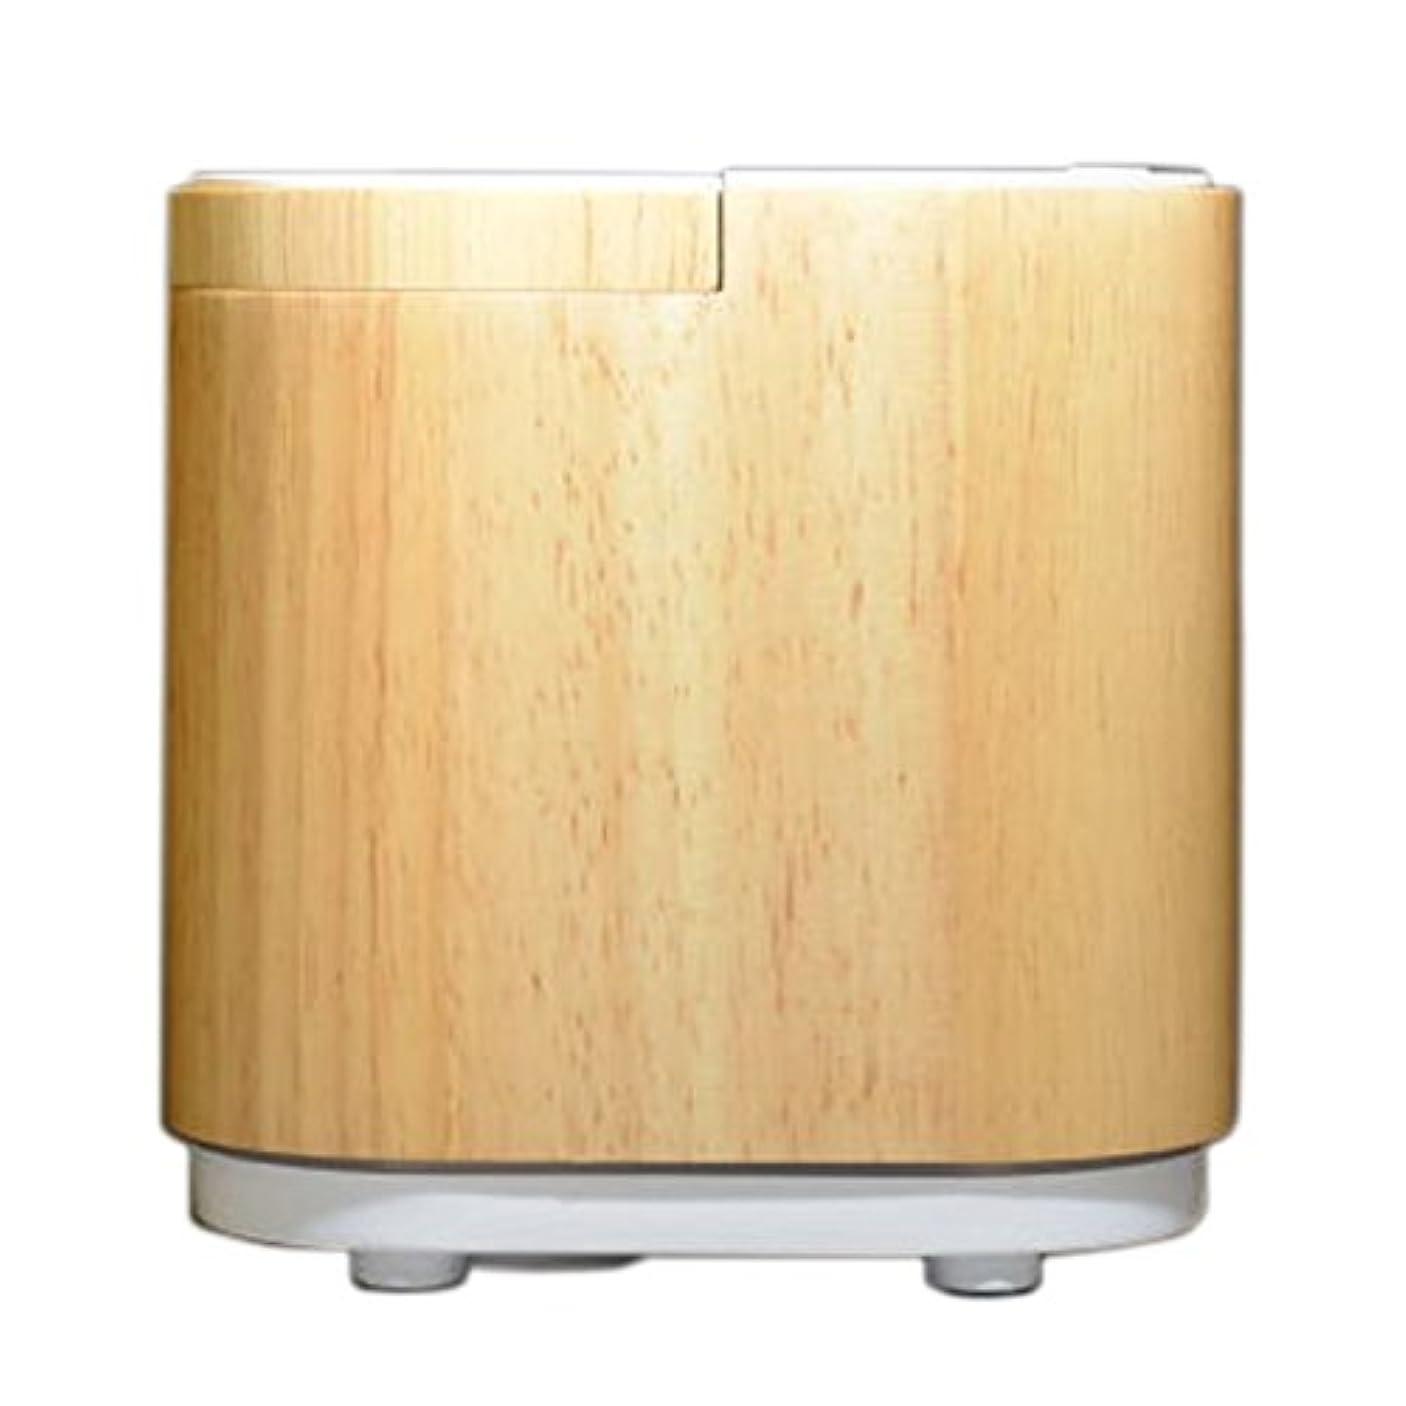 同様のレーニン主義最少生活の木 アロモアウッド [aromore] エッセンシャルオイルディフューザー アロマディフューザー